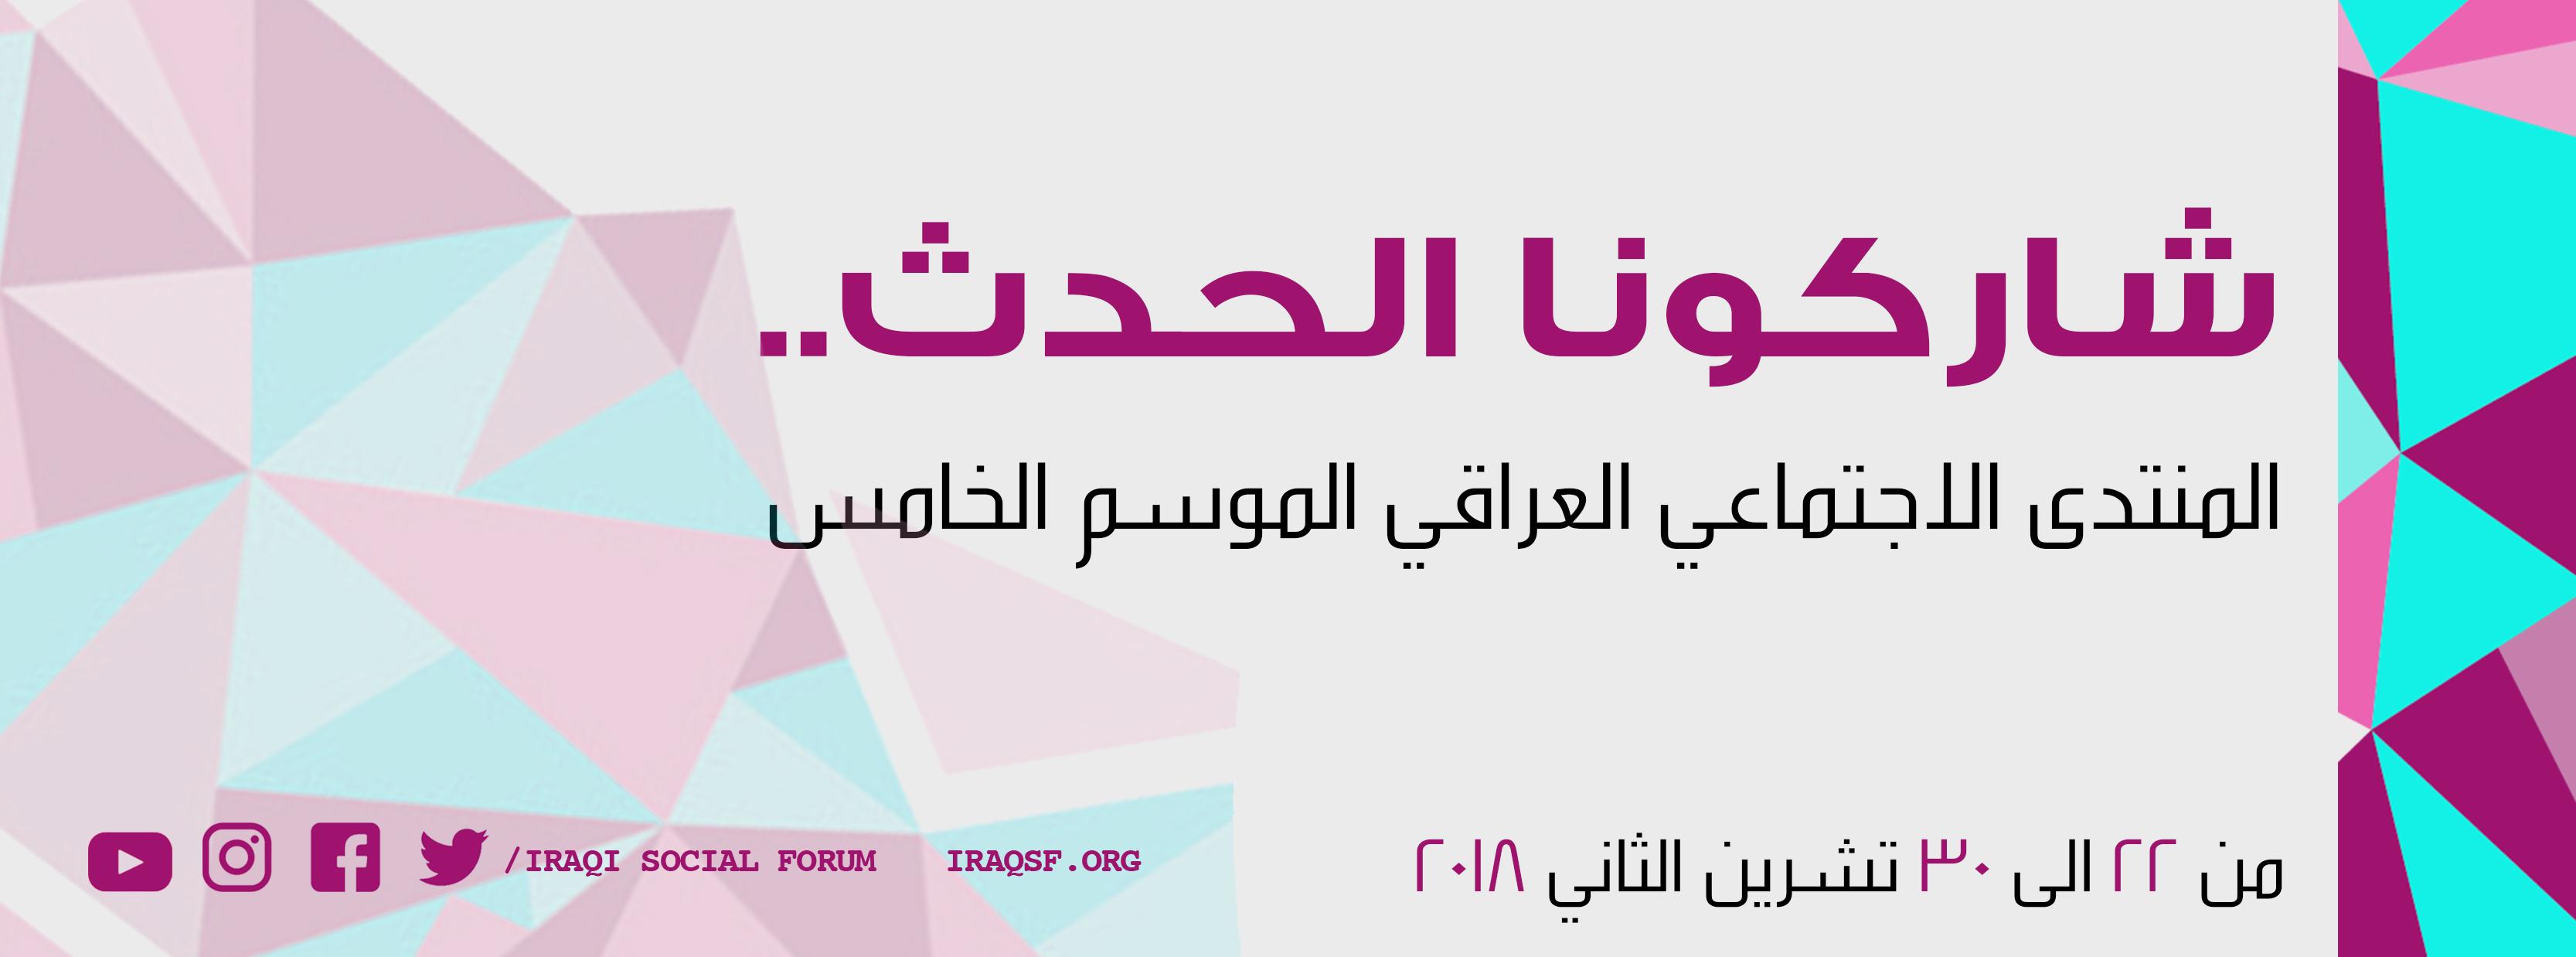 شاركونا الحدث.. في ٢٢ تشرين الثاني الحالي، تنطلق فعاليات الموسم الخامس من المنتدى الاجتماعي العراقي